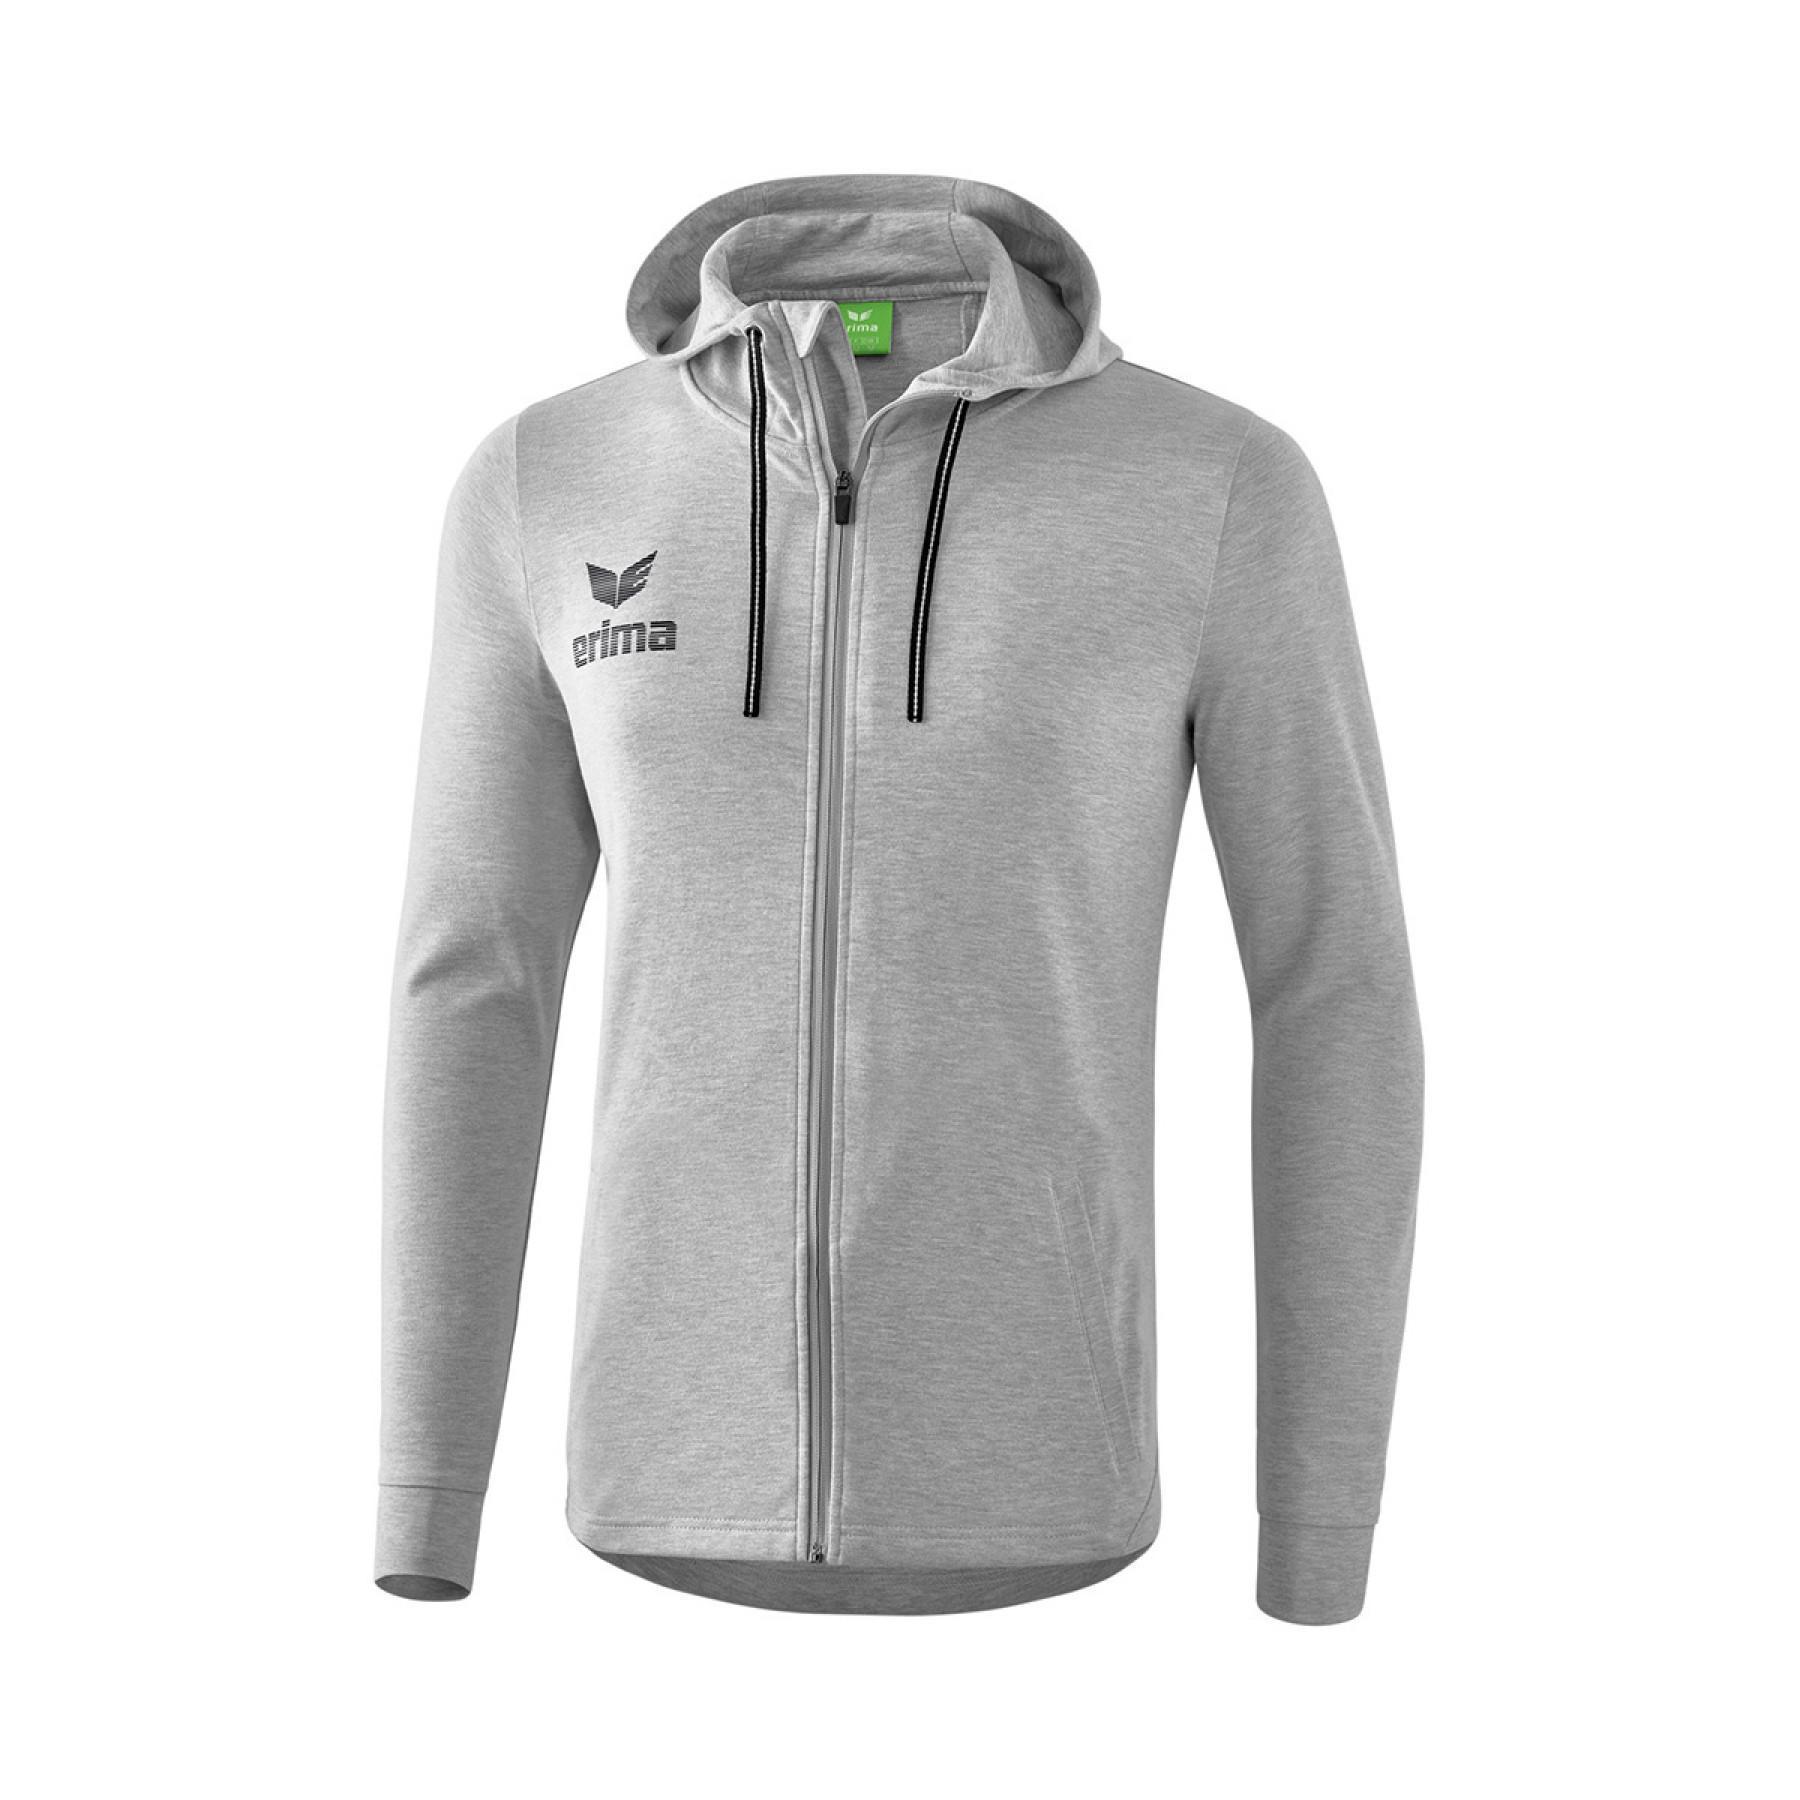 Jacket hoodie Erima Essential